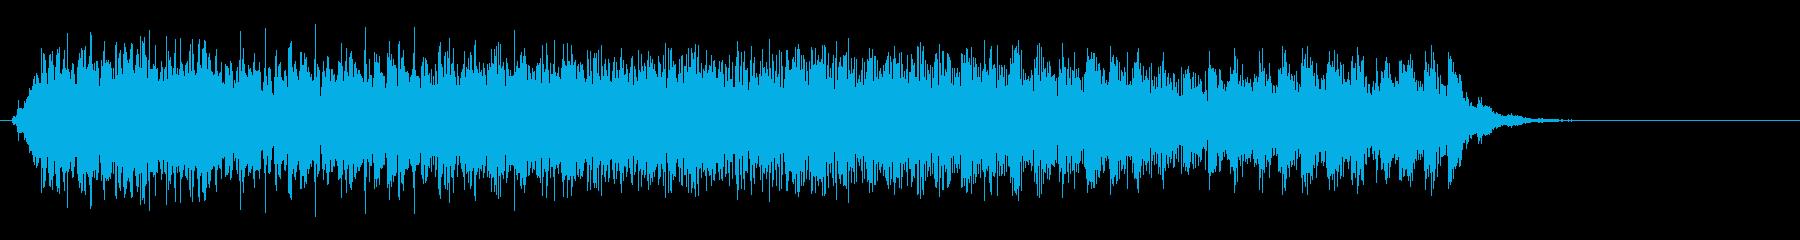 スウィープ音(アップ)の再生済みの波形